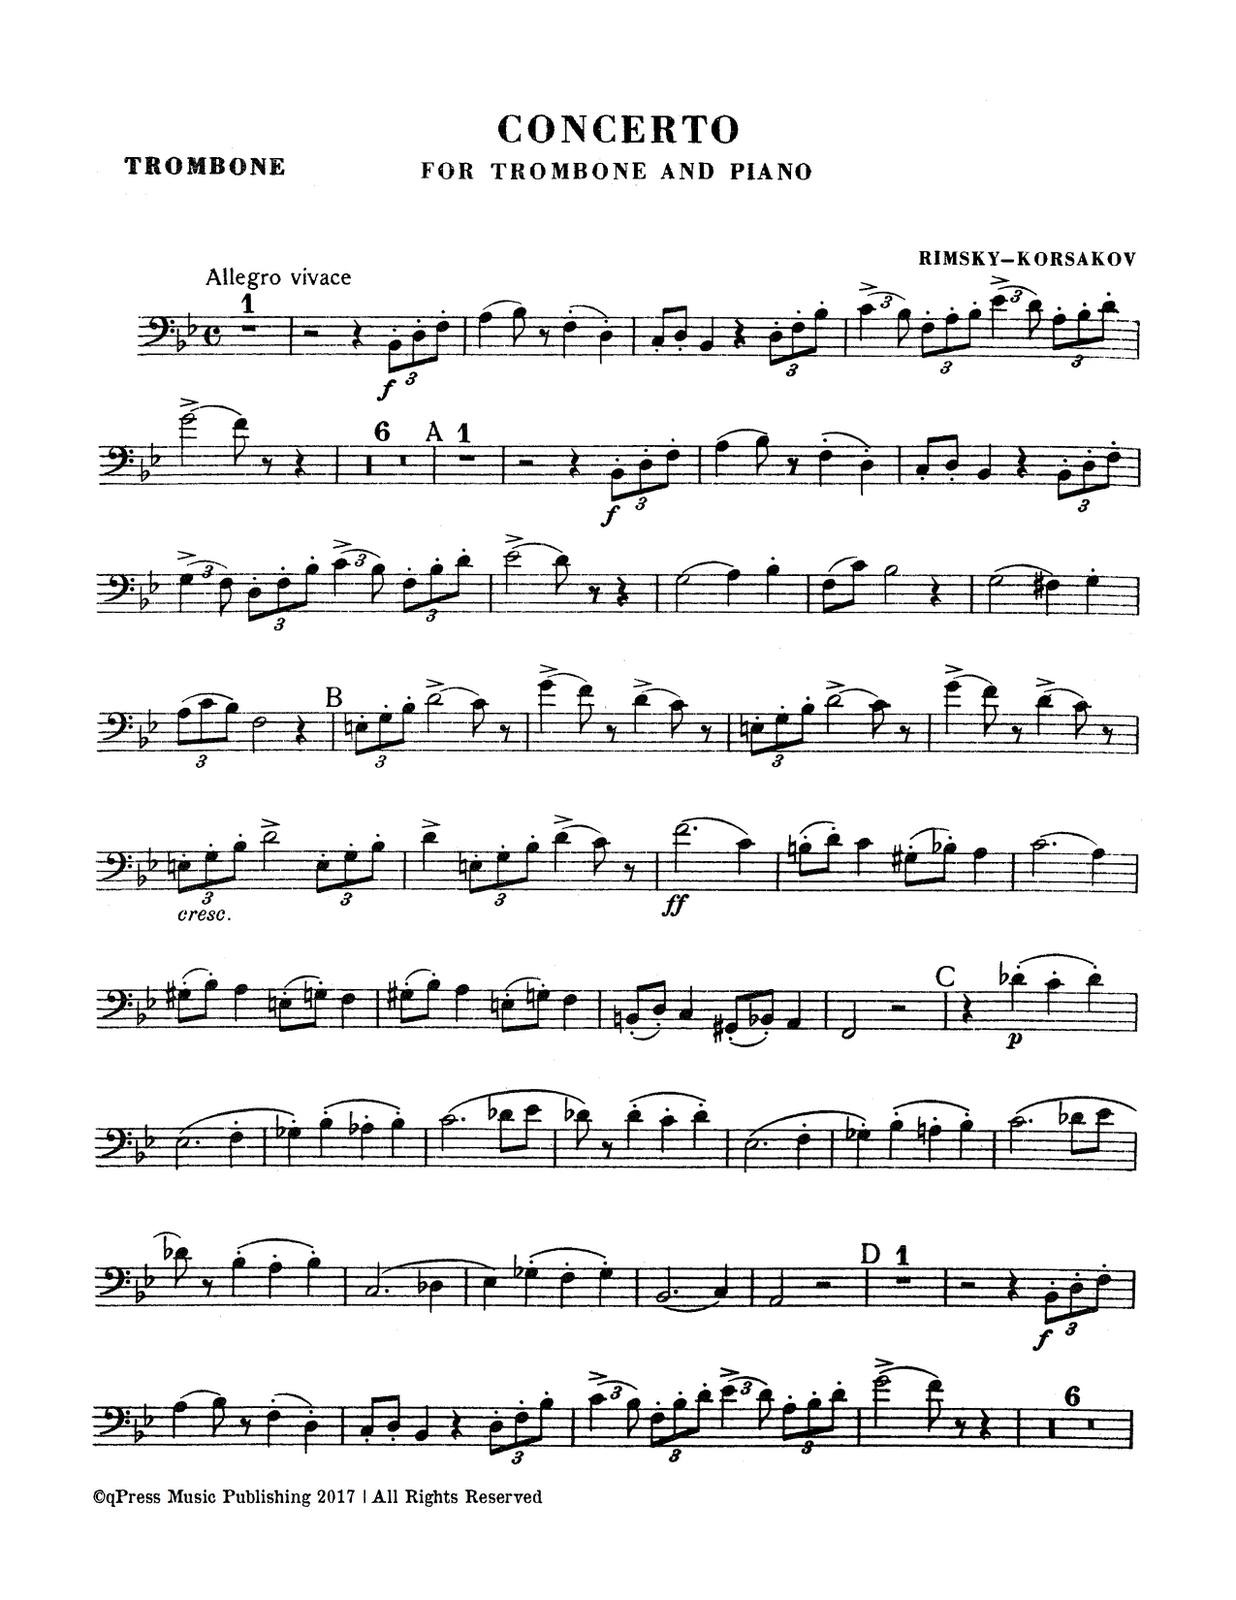 Rimsky-Korsakov, Trombone Concerto (complete)-p03